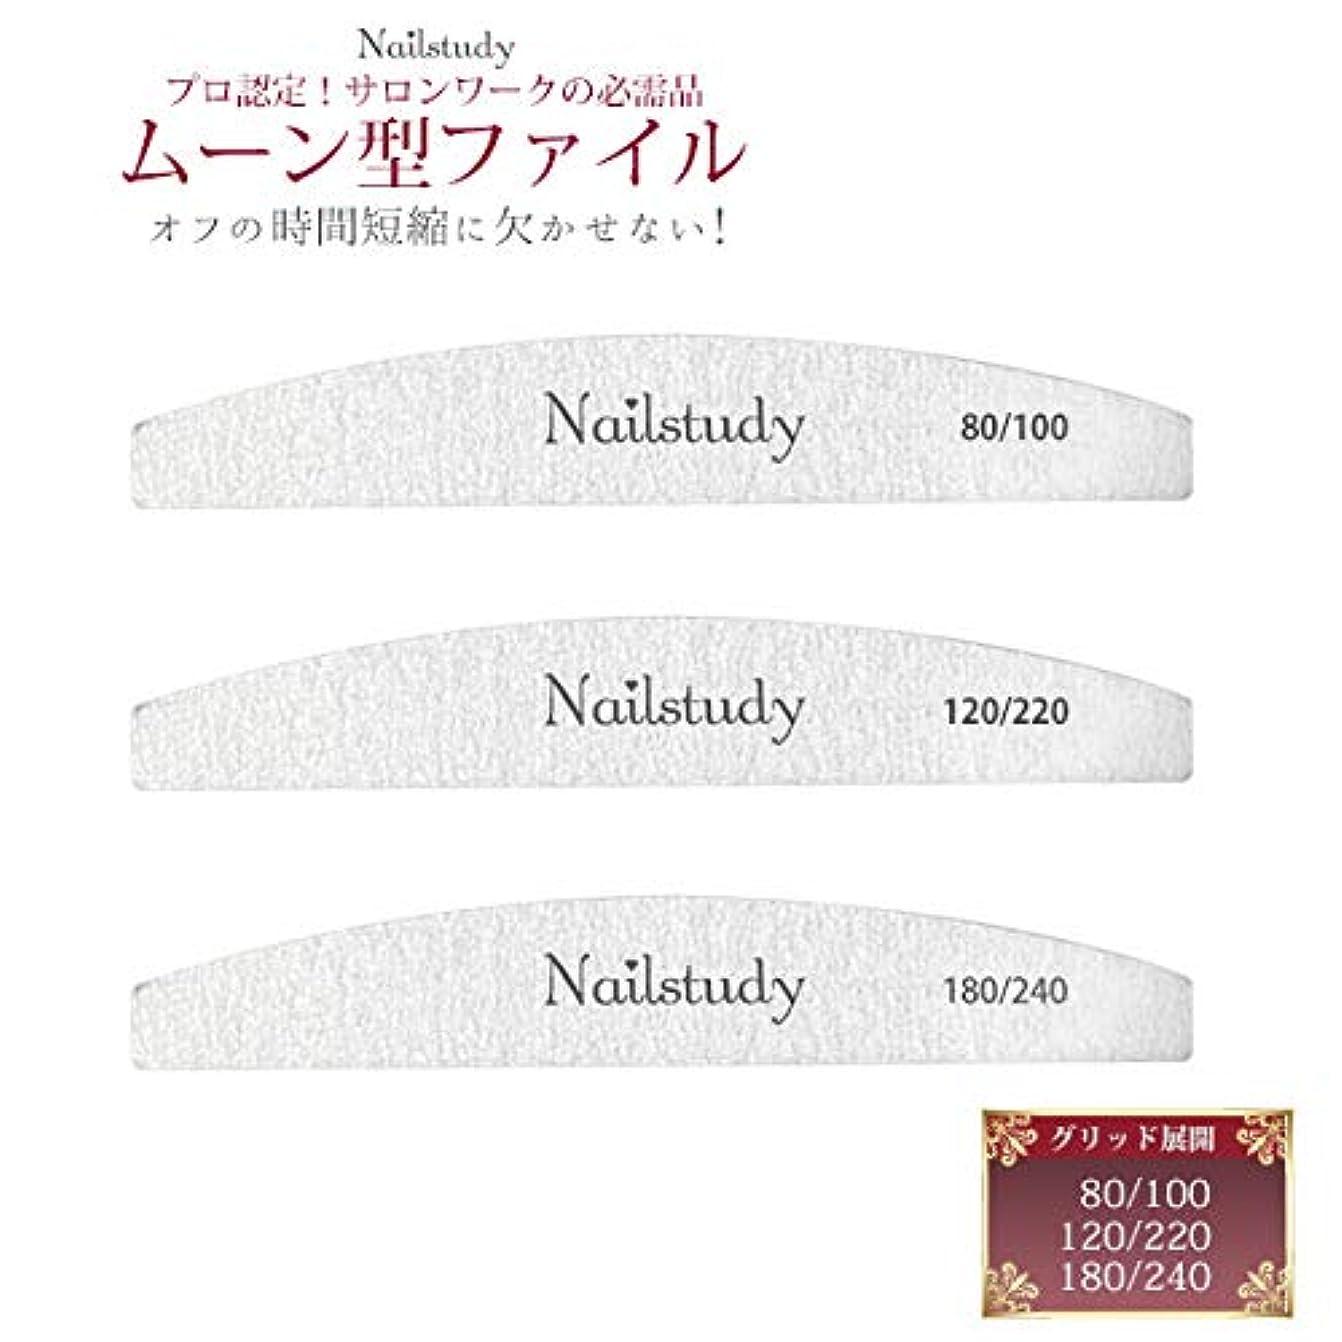 文庫本忍耐安全なネイルファイル ムーン型 (180/240)